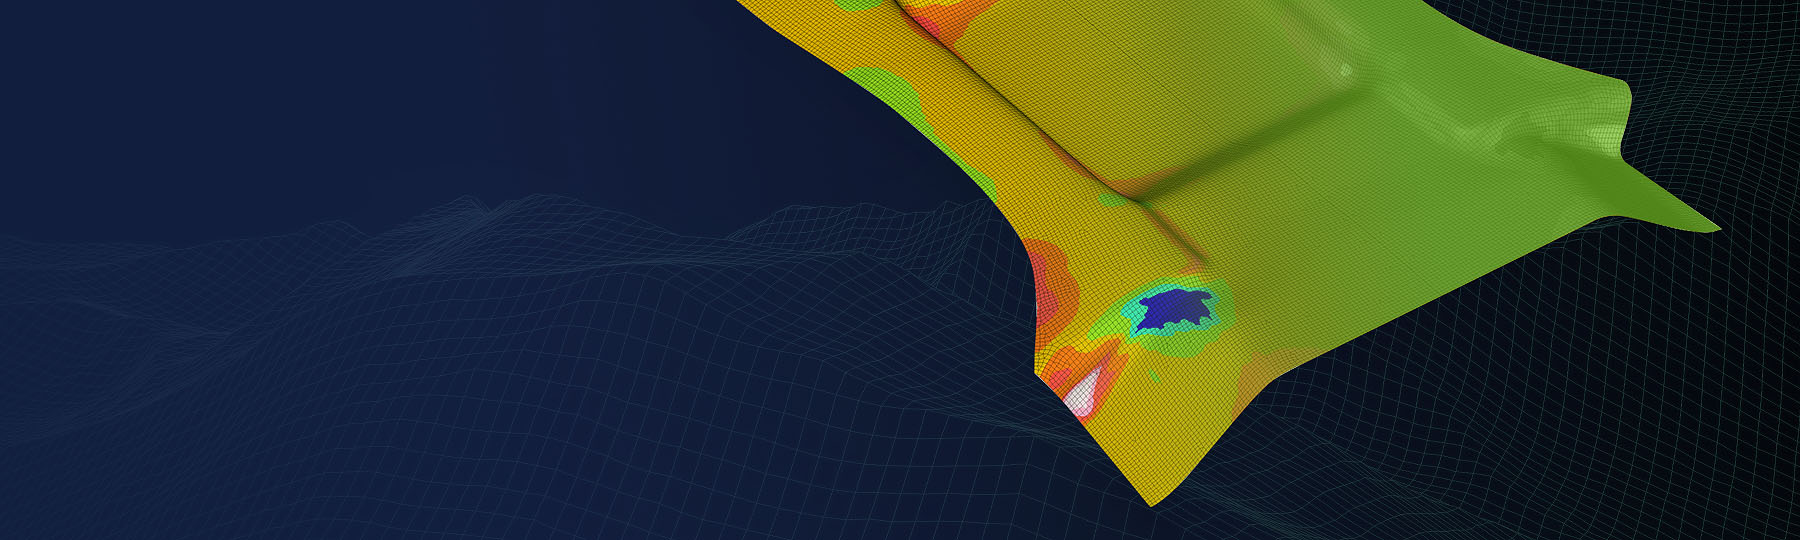 Werkzeugkonstruktion Simulation